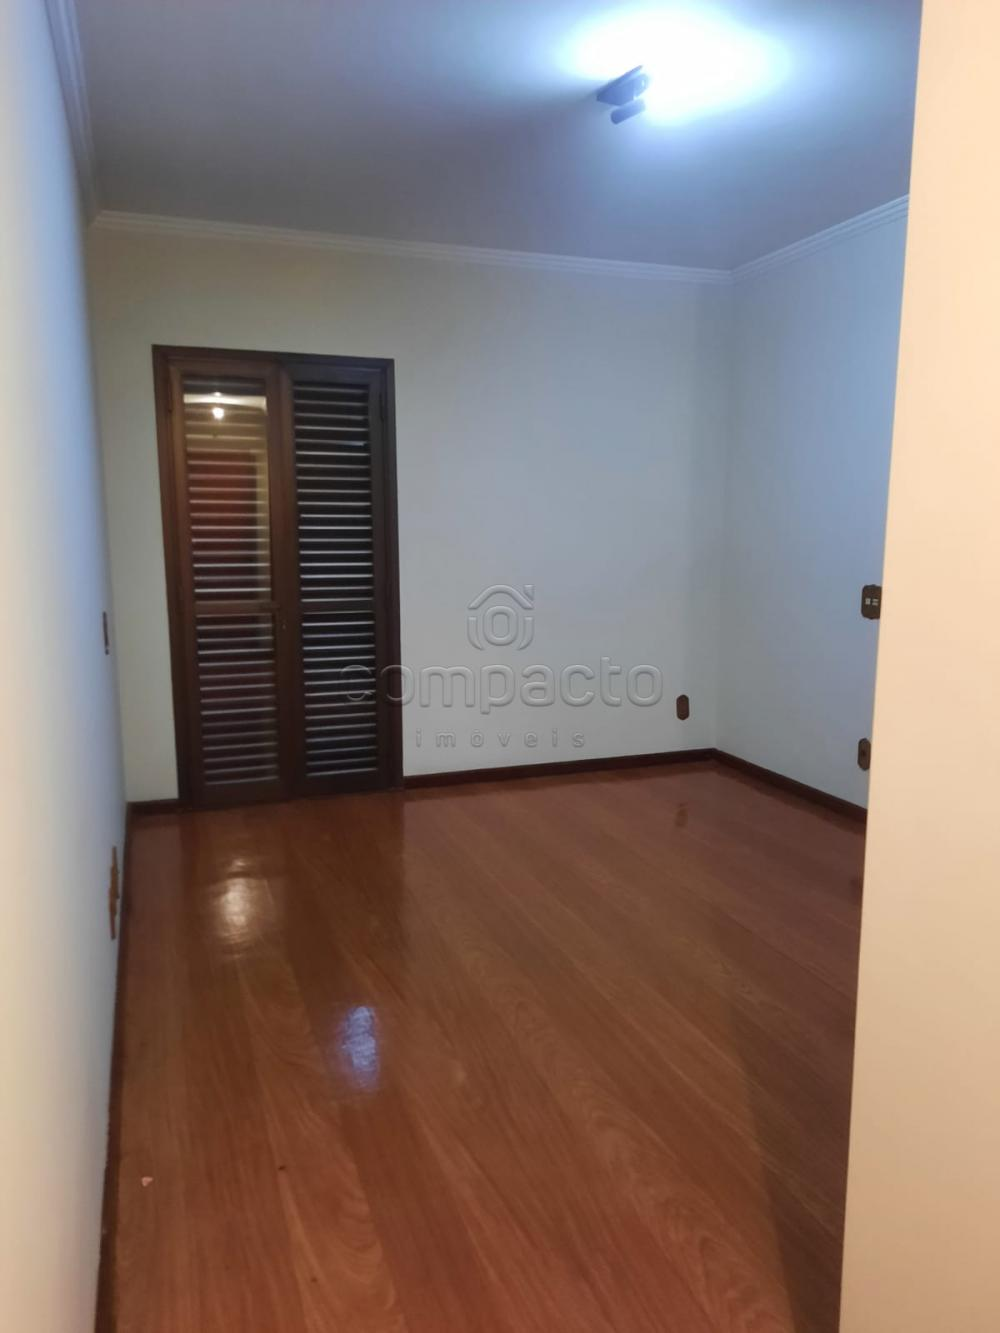 Alugar Apartamento / Padrão em São José do Rio Preto R$ 2.000,00 - Foto 8